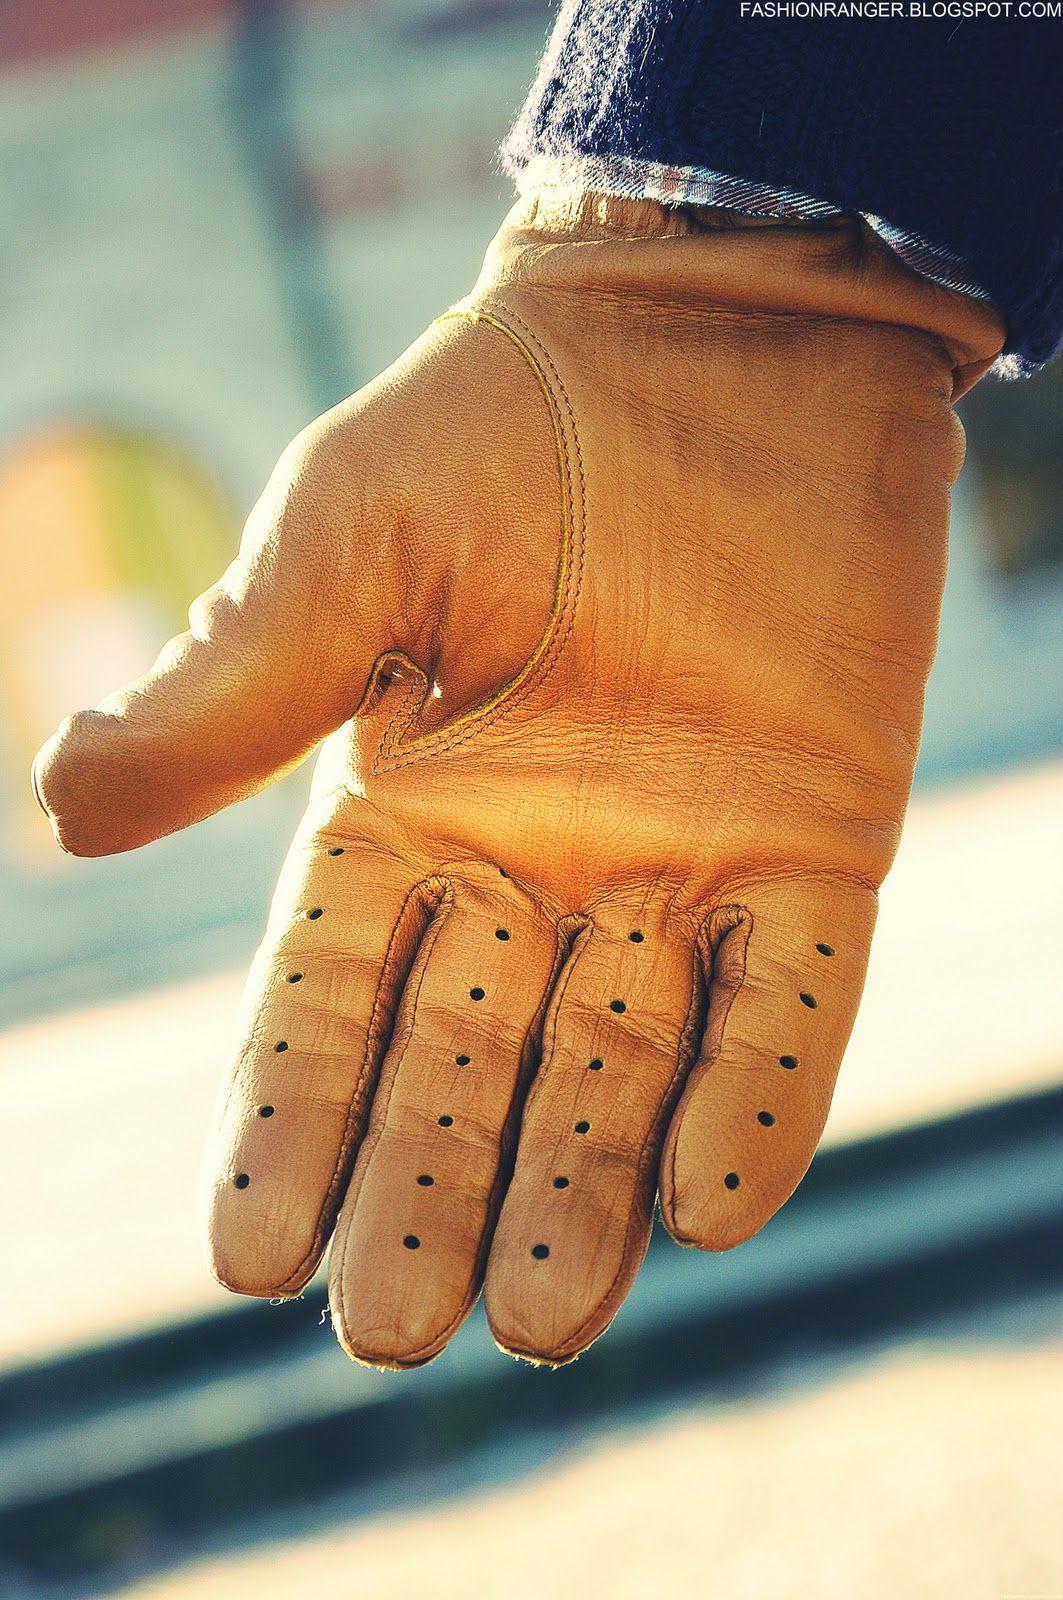 Vintage mens leather gloves - 2 Brown Leather Gloves